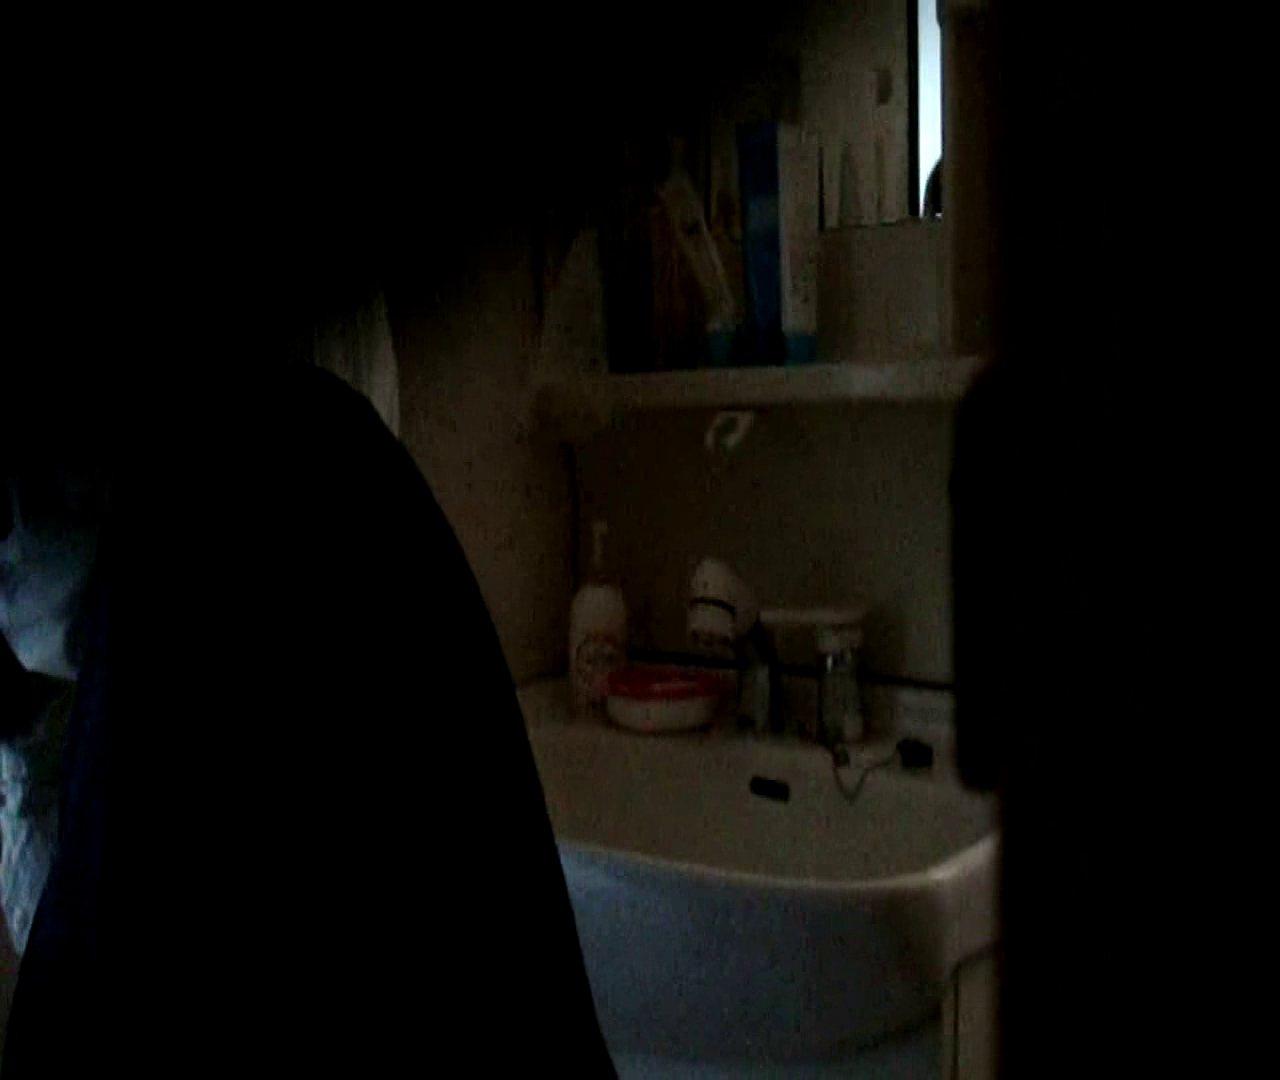 二人とも育てた甲斐がありました… vol.05 まどかが洗顔後にブラを洗濯 盗撮特集   おまんこ  86画像 4